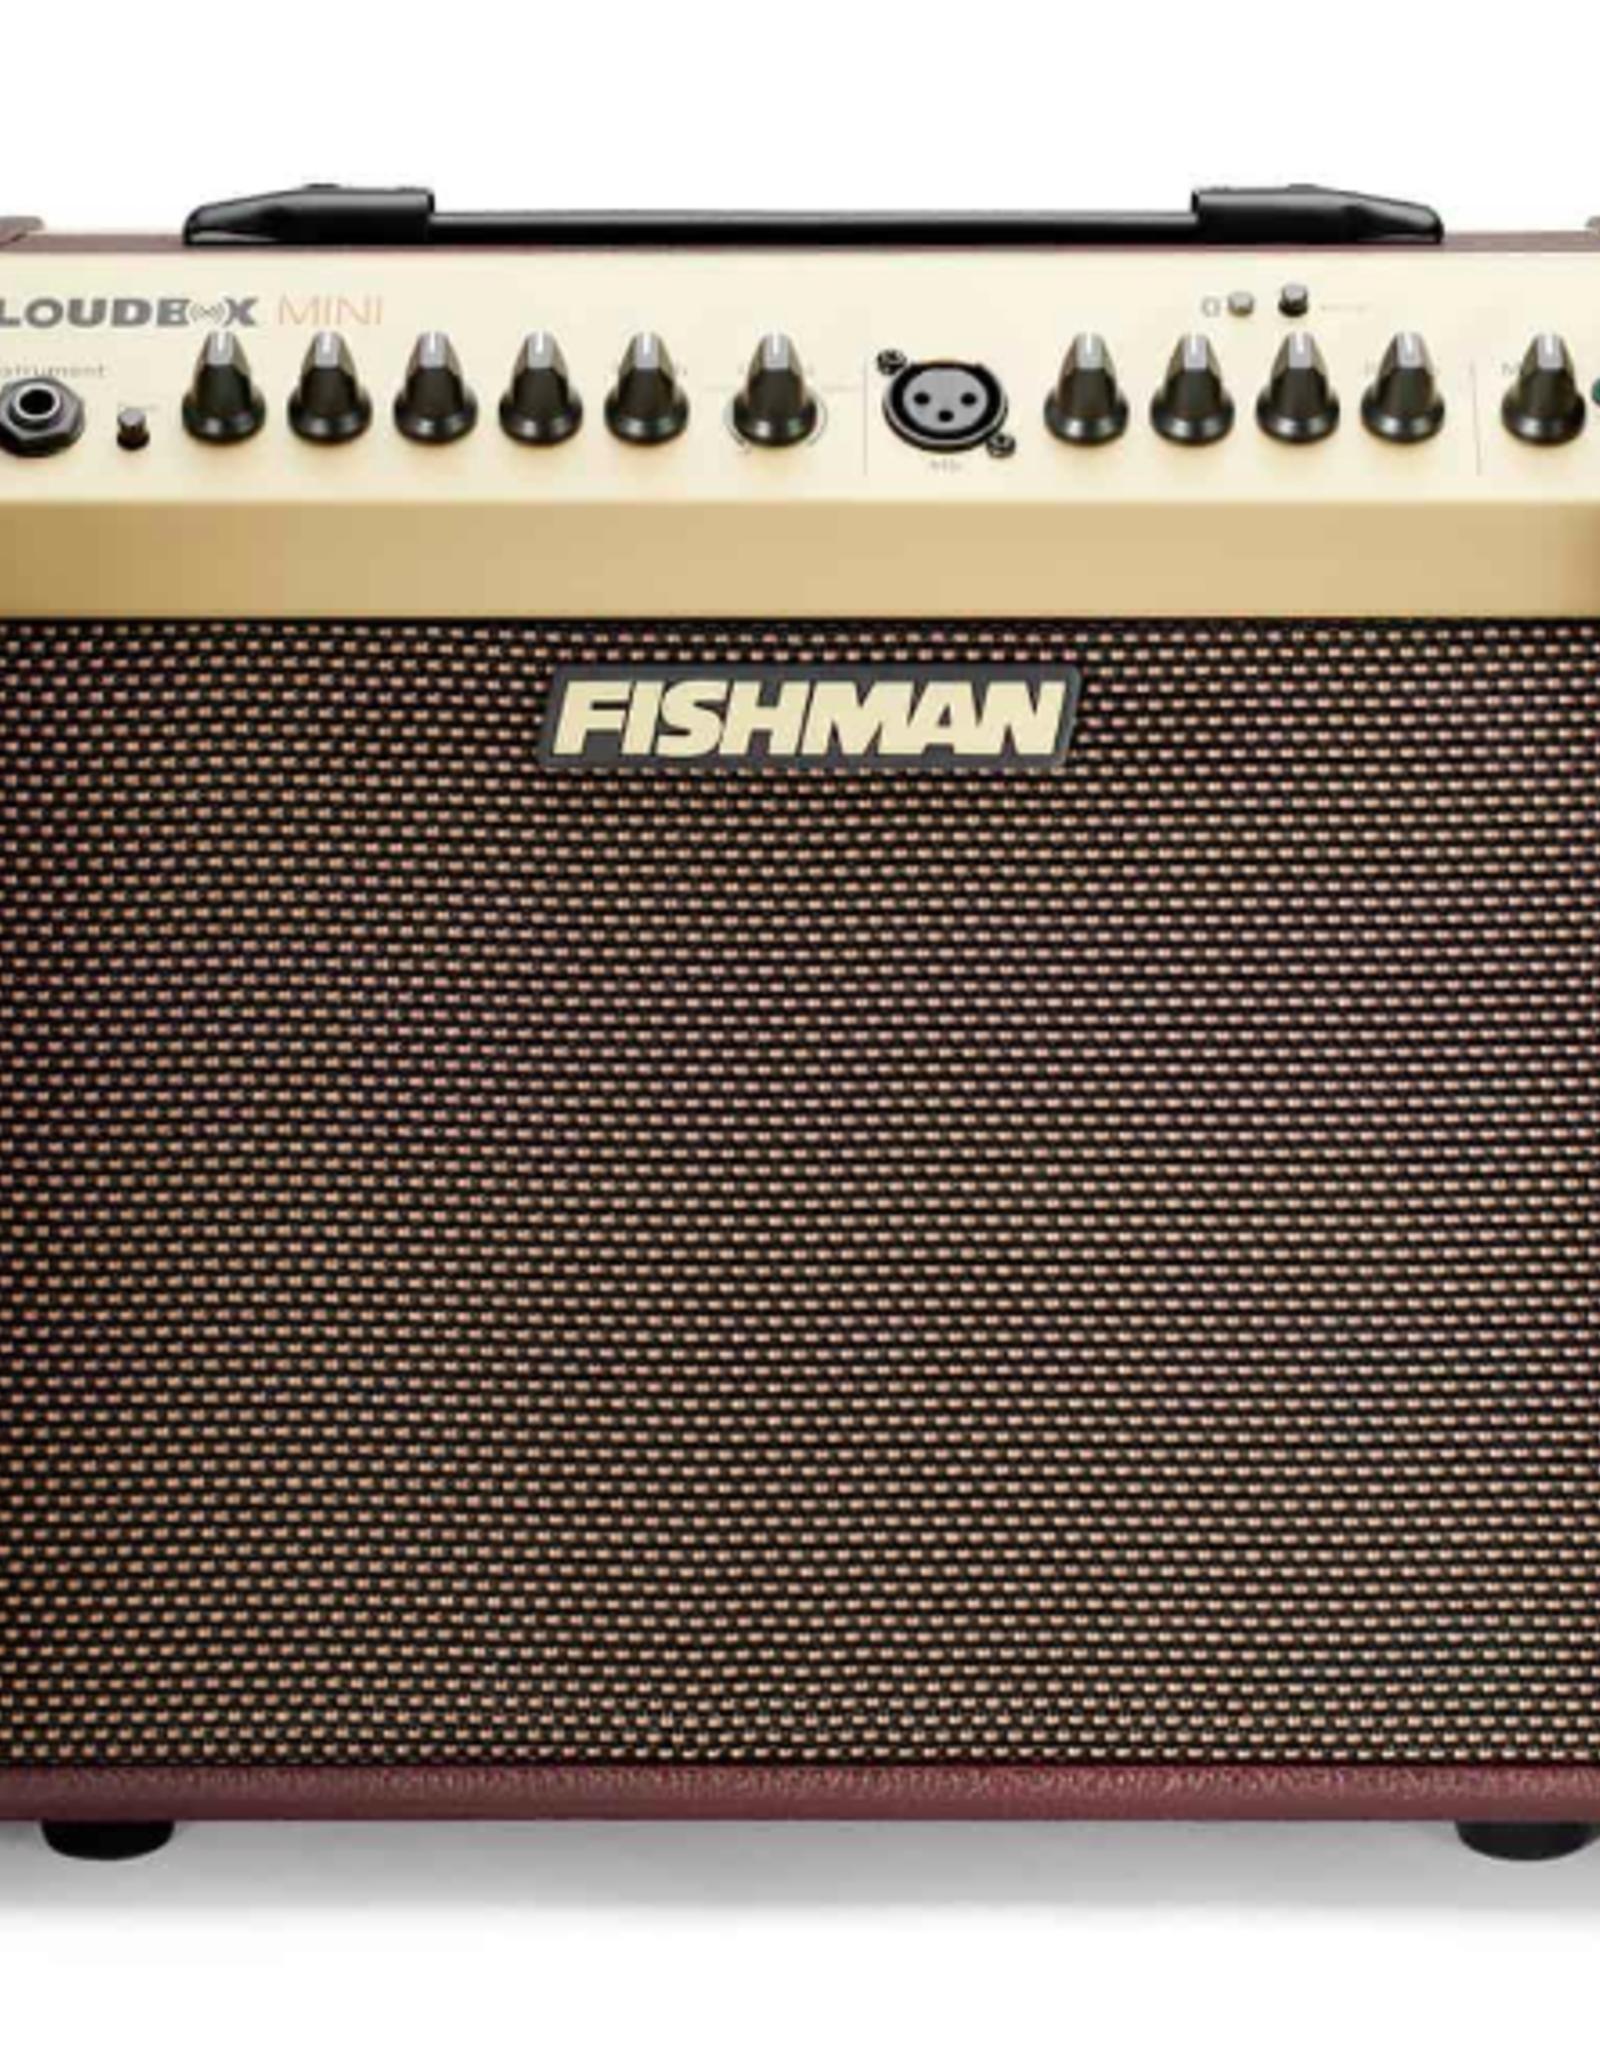 Fishman Fishman Loudbox Mini 60 Watts